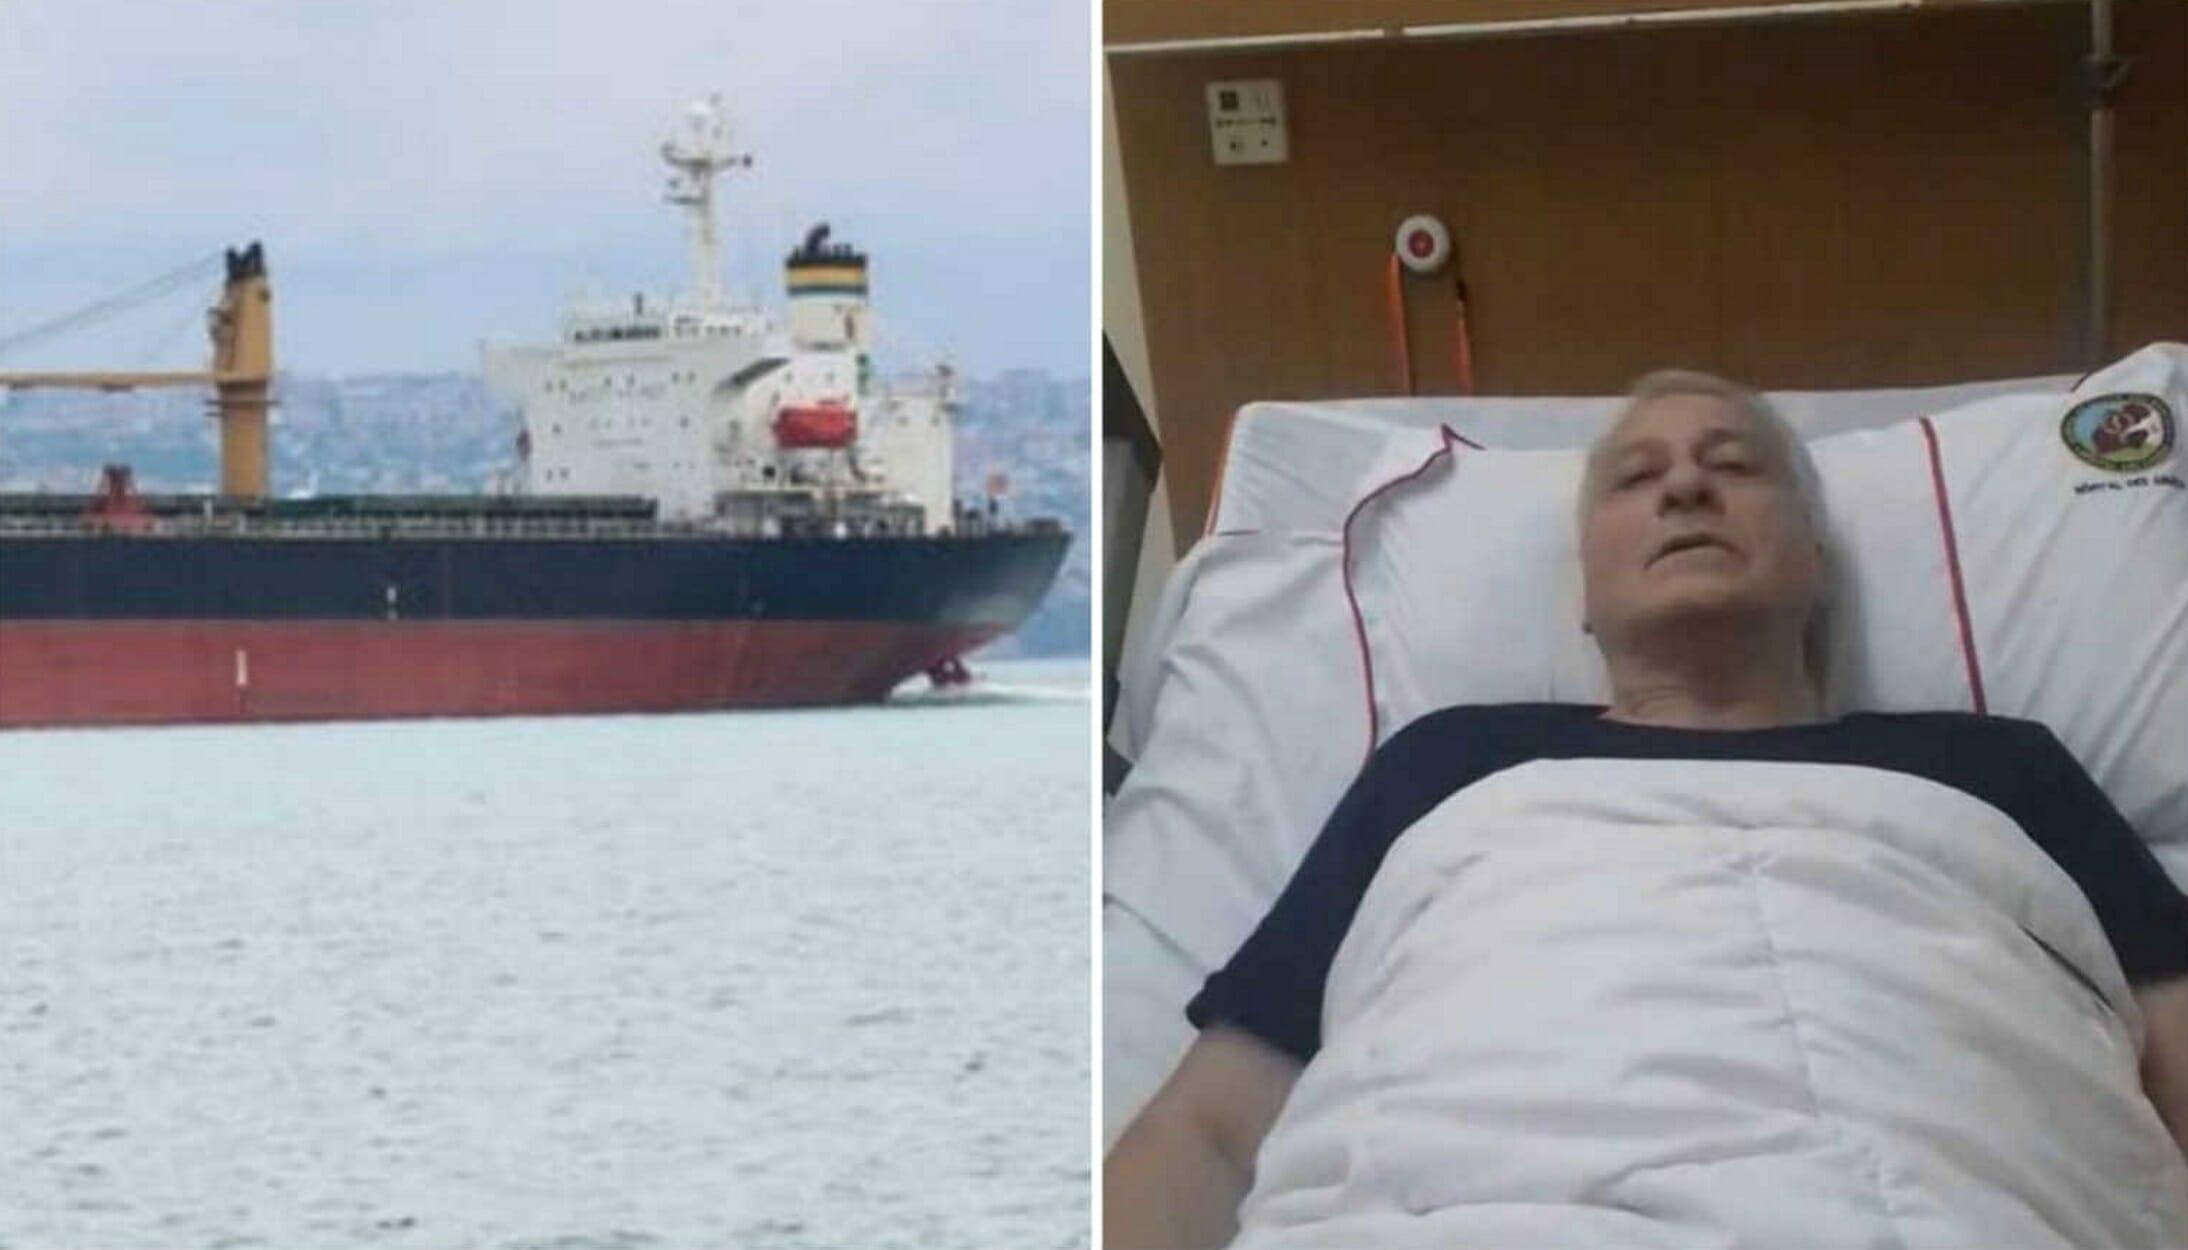 Επιστρέφει στην Ελλάδα ο ναυτικός που κρατούσαν όμηρο στο Τζιμπουτί